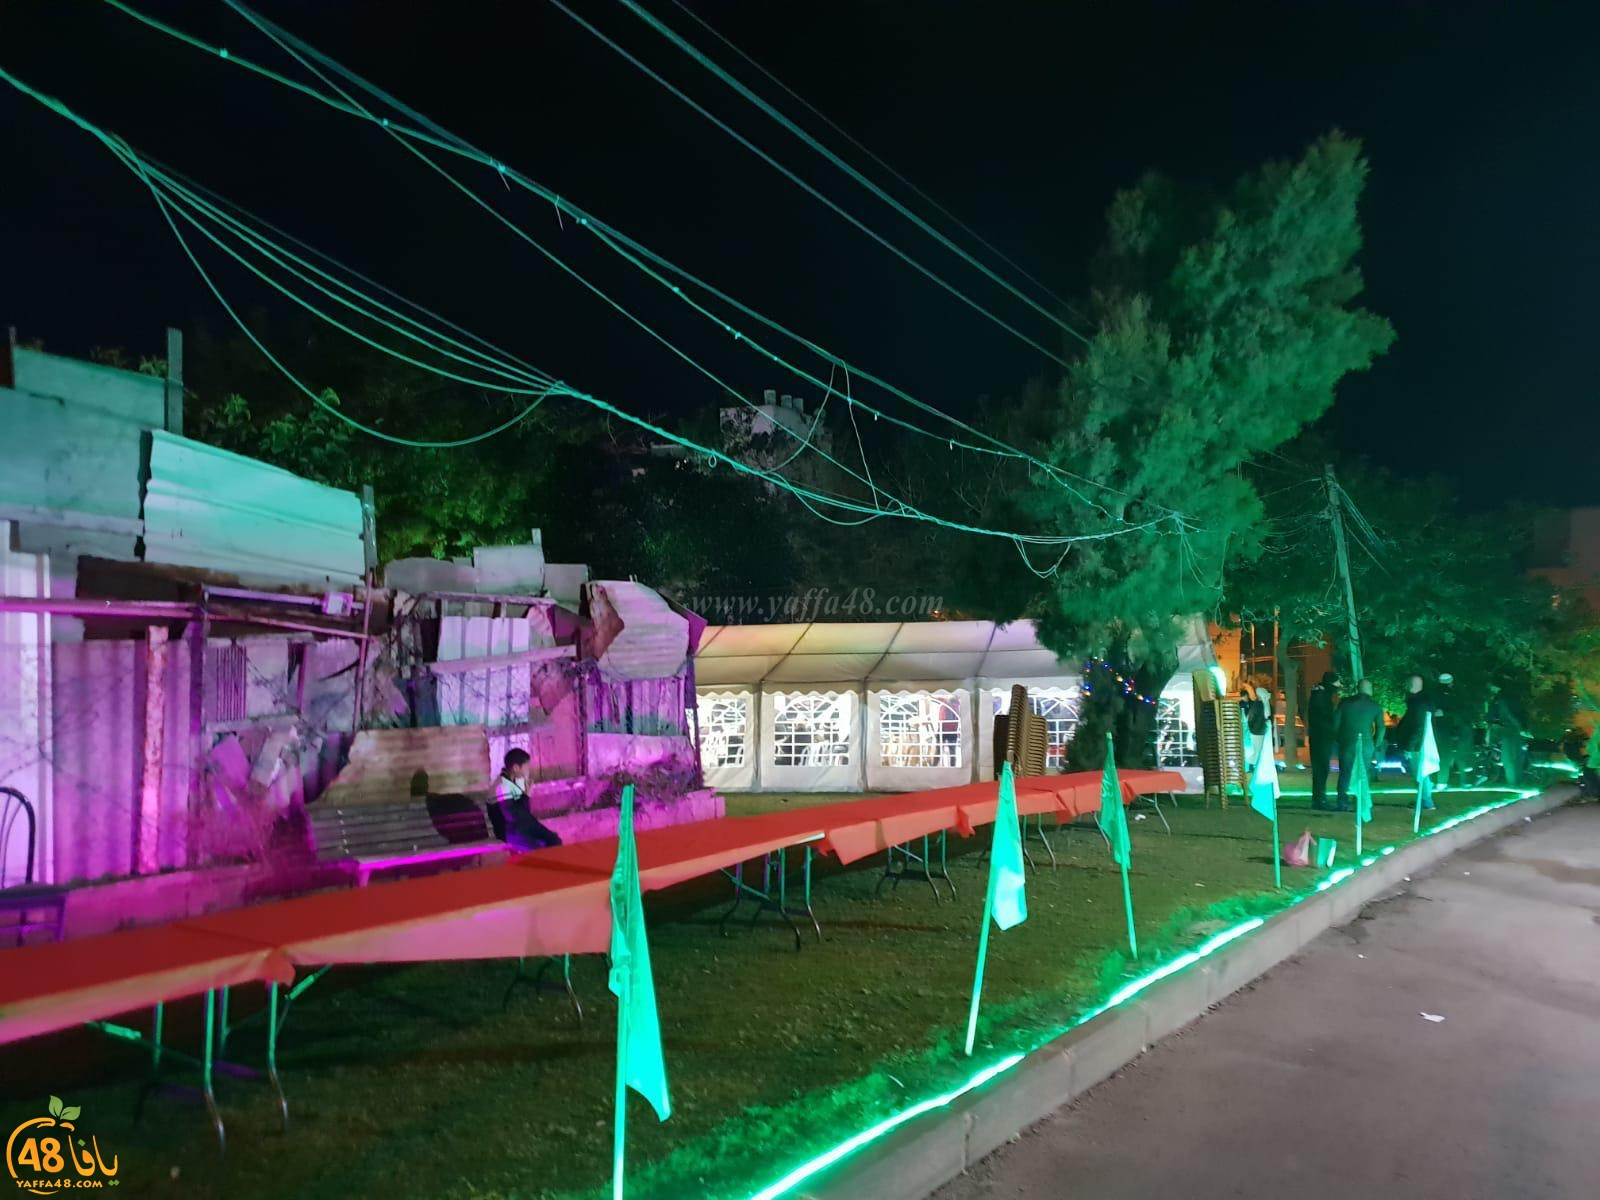 الخير في الشباب - شباب لجنة اكرام الميت وخيمة الهدى يشيّدون 3 خيام في يوم واحد